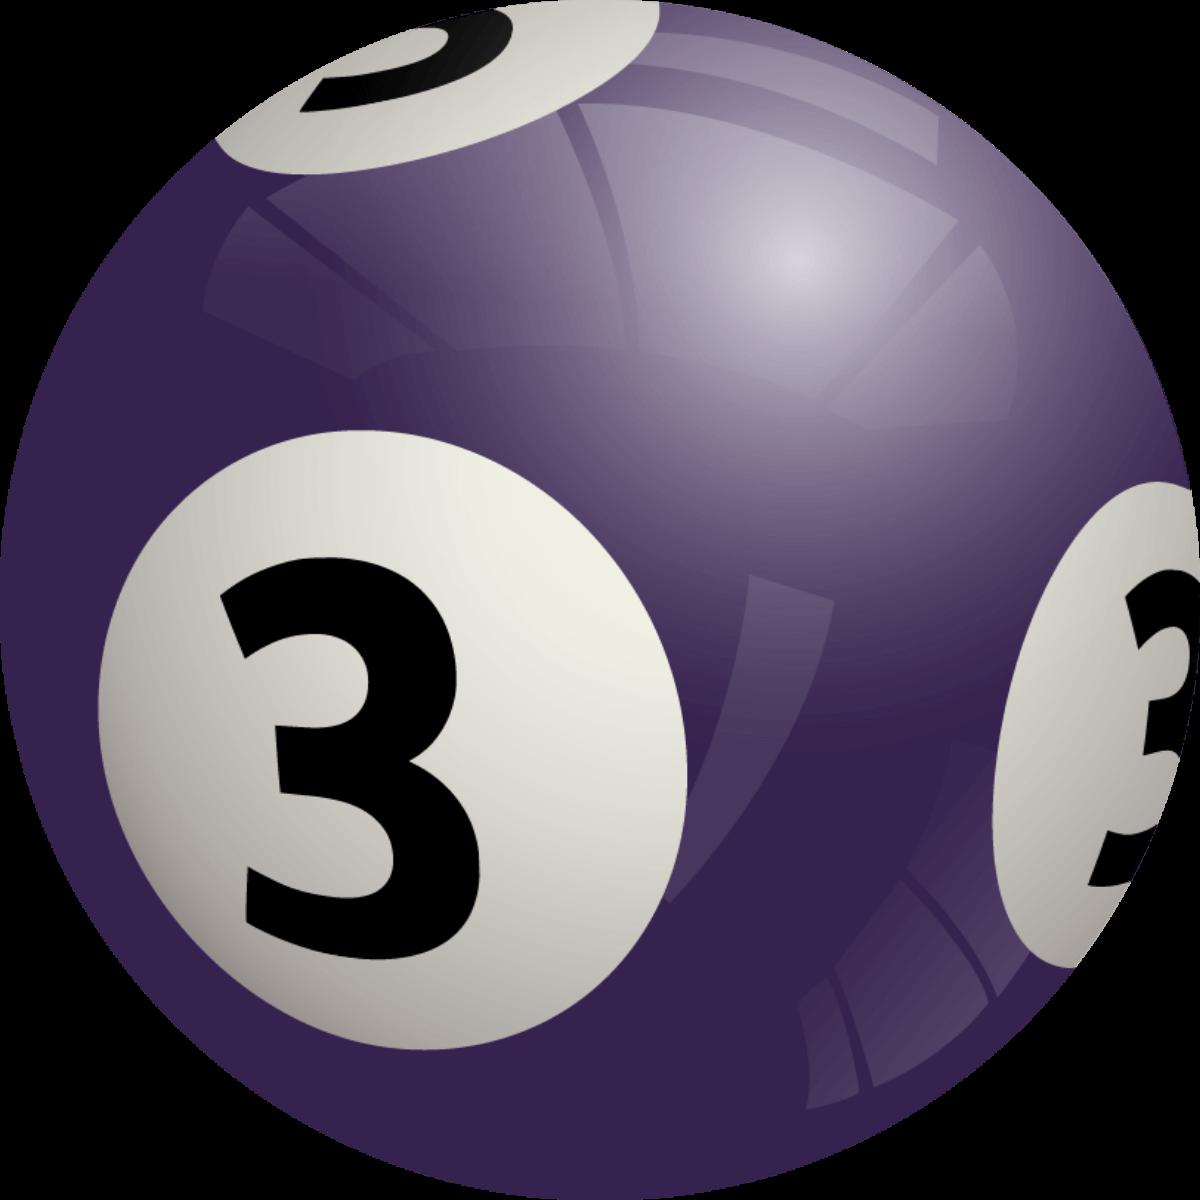 Bingo ball 6